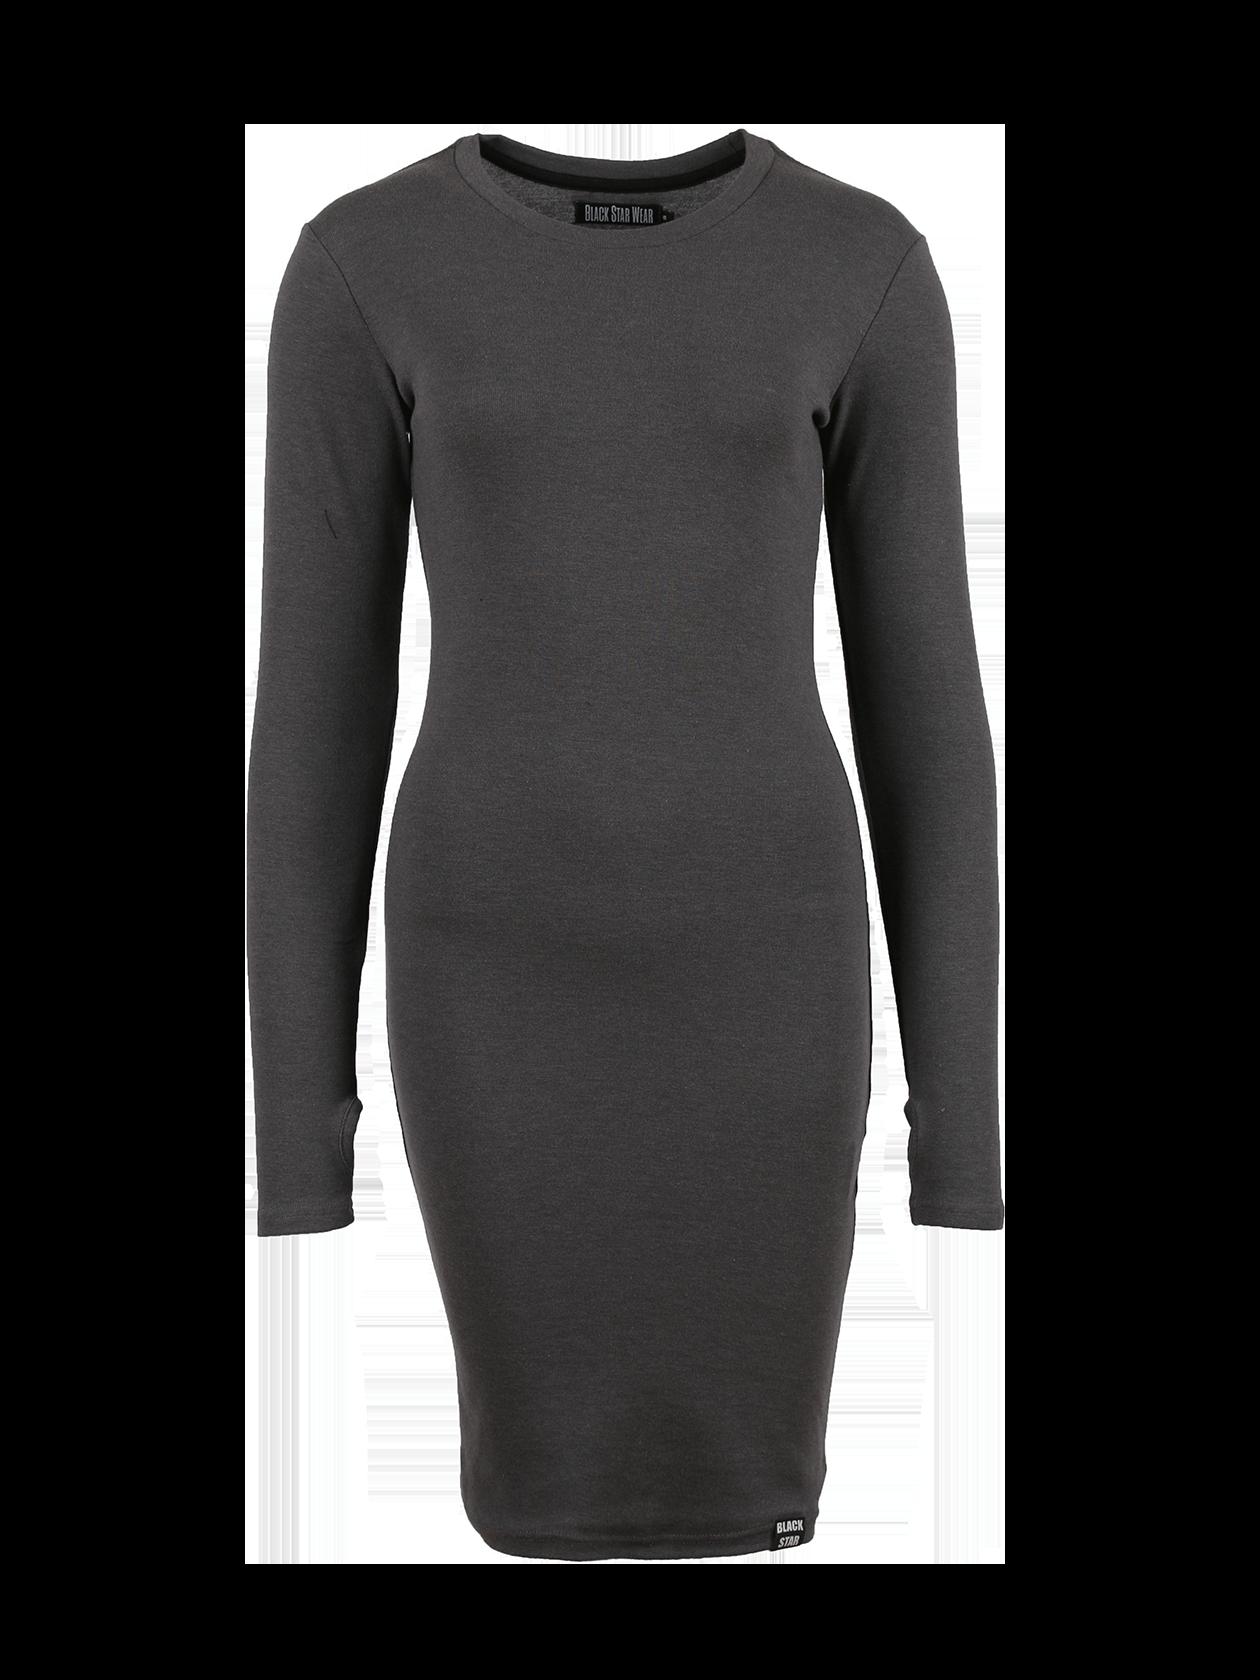 Платье женское SKINNY RIBЧерное платье женское Skinny Rib из новой линии одежды Basic по специальной цене – стильный вариант для создания повседневного образа. Модель облегающего силуэта длиной до колена. Округлая неглубокая горловина с жаккардовым лейблом Black Star Wear на внутренней стороне, длинный рукав с выемкой для большого пальца. Материал изготовления – бленд высококачественного хлопка. Внизу сбоку нашивка с логотипом. Идеально подходит для работы, отдыха, встреч с друзьями.<br><br>Размер: XS<br>Цвет: Серый<br>Пол: Женский